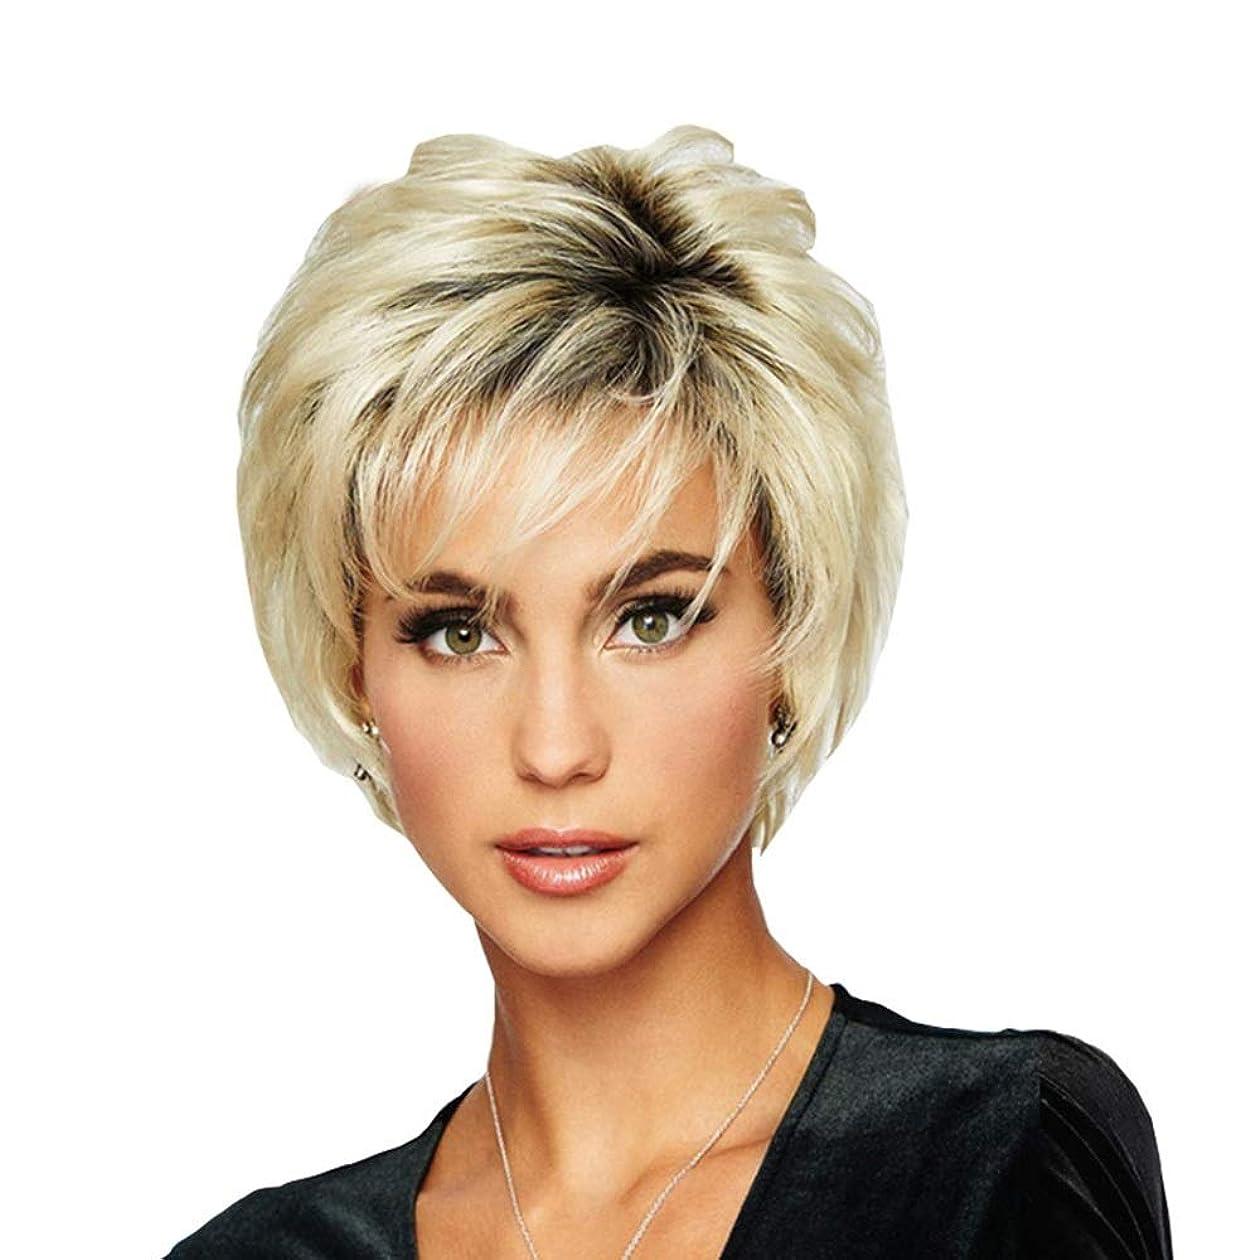 大臣ゆるく種類WASAIO レディースファッションショートビッグウェーブヘアー耐熱ウィッグ (色 : Blonde)